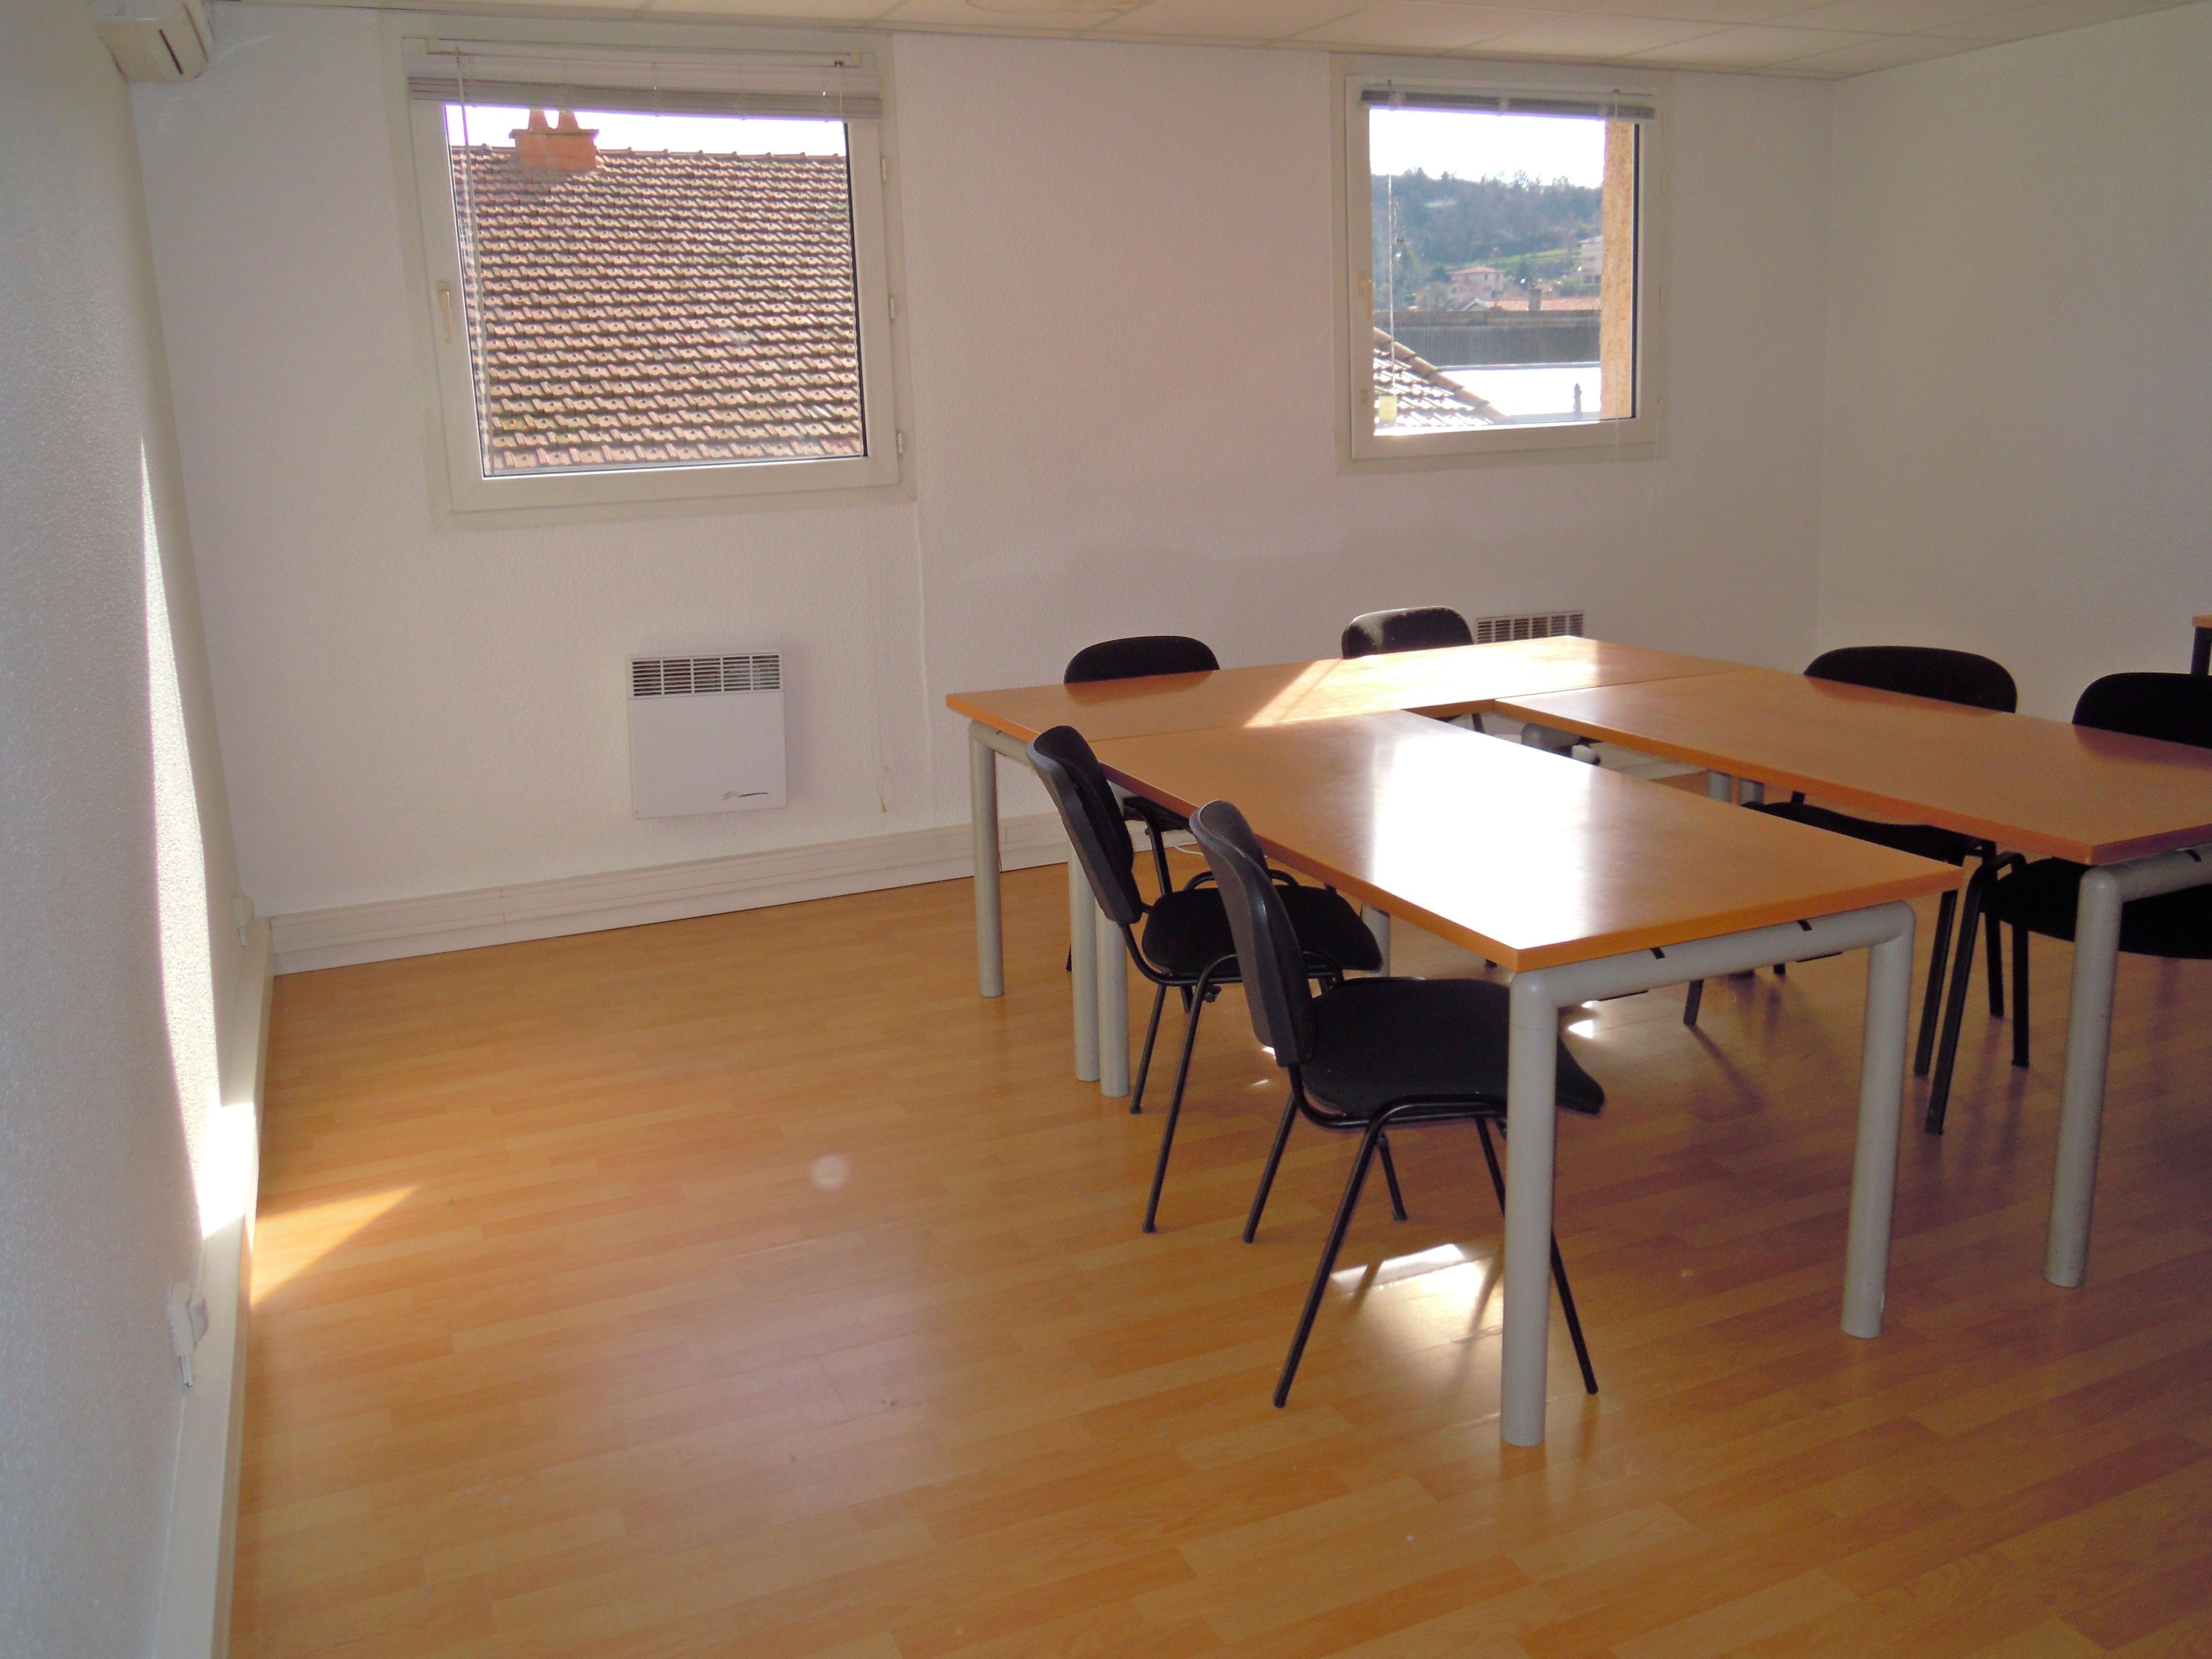 Salle Samouraï 2 modif - Location de salles de réunion